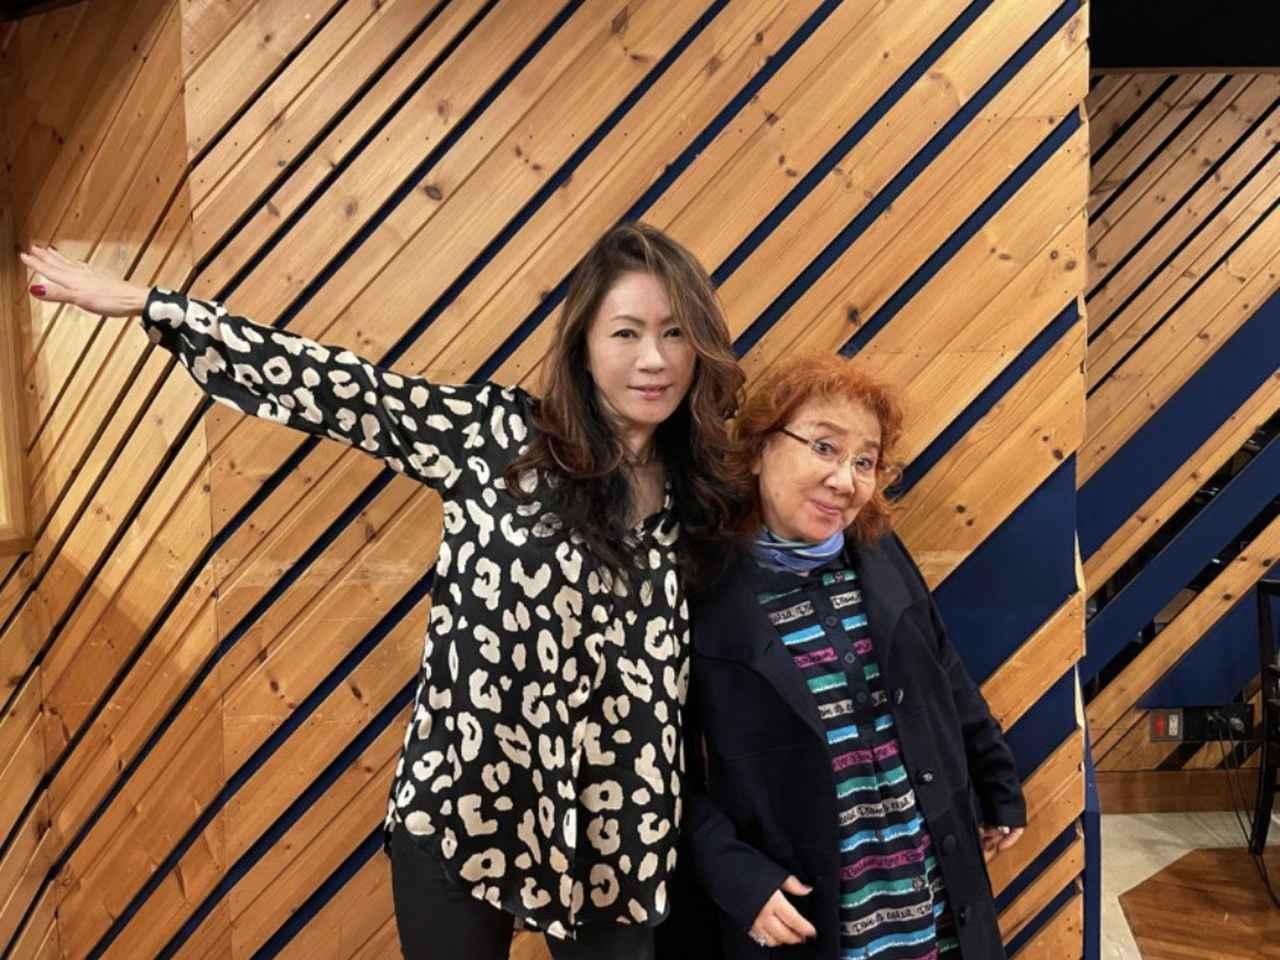 画像: 「続・野沢の雅子さん」1月16日(土)#25 ゲストは シンガーソングライターの大黒摩季さん